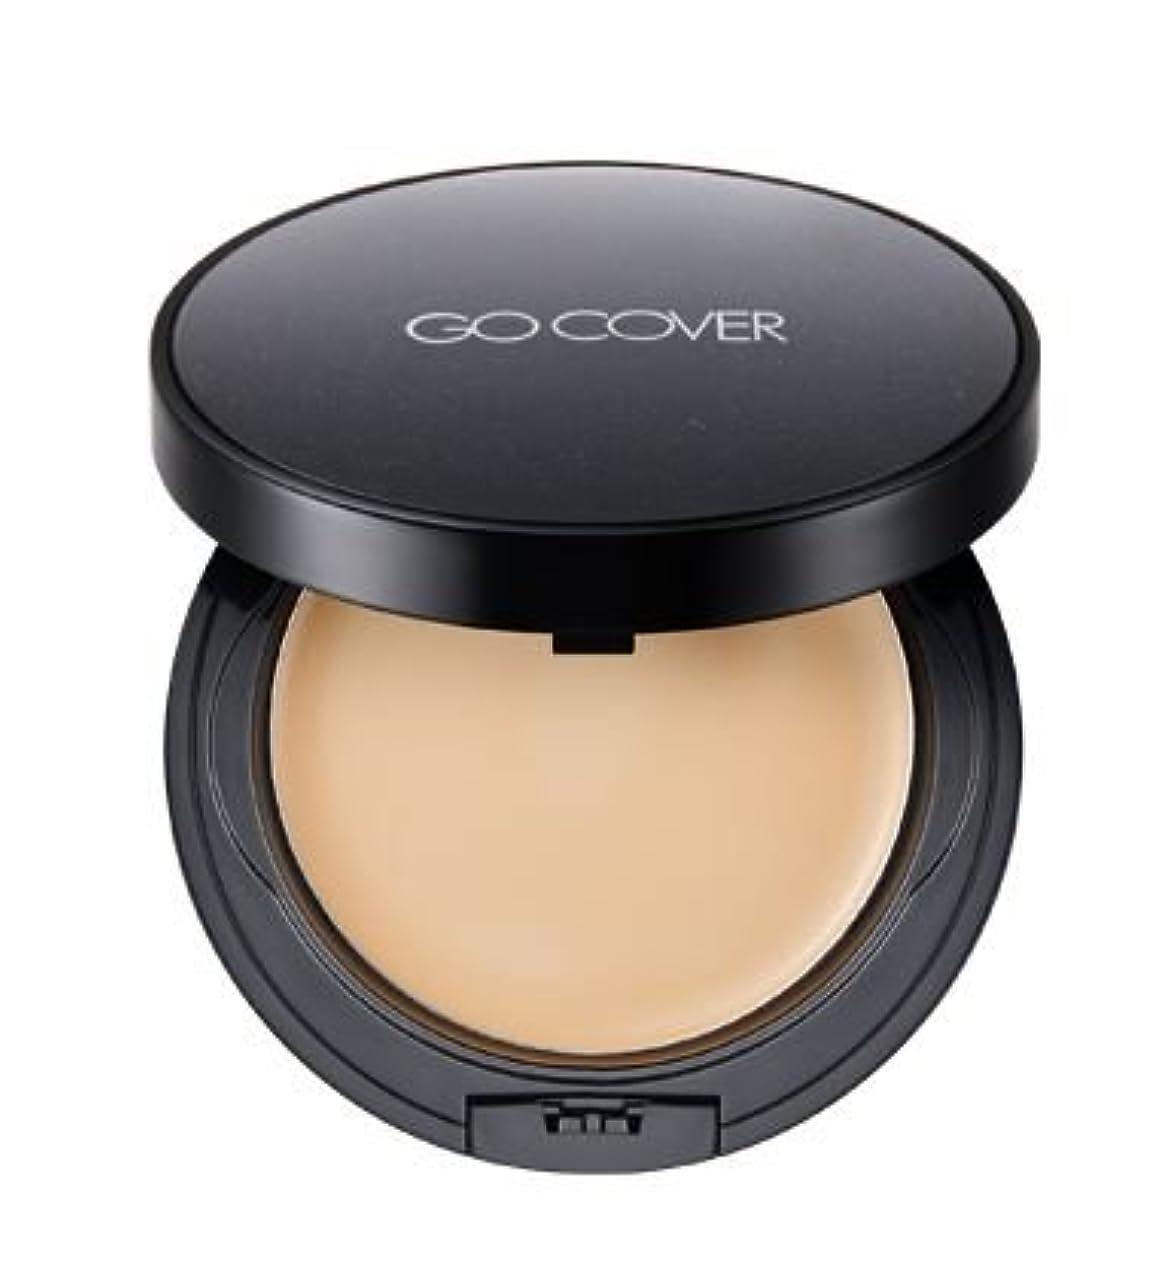 エイリアン塊バングラデシュTONYMOLY Go Cover Radiance Fitting Balm 9.5g (#1 Skin Beige)/トニーモリー ゴー カバー ラディアンス フィッティング バーム 9.5g (#1 Skin Beige...